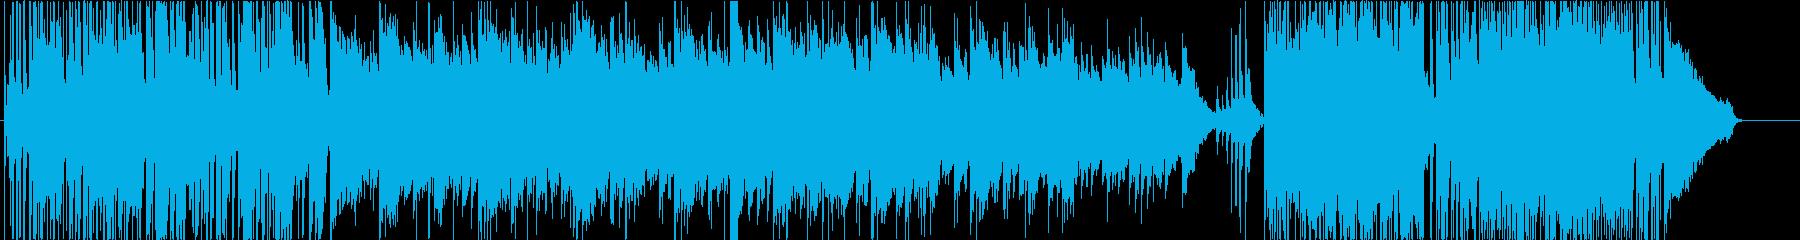 昔ながらのポップなピアノロックの再生済みの波形